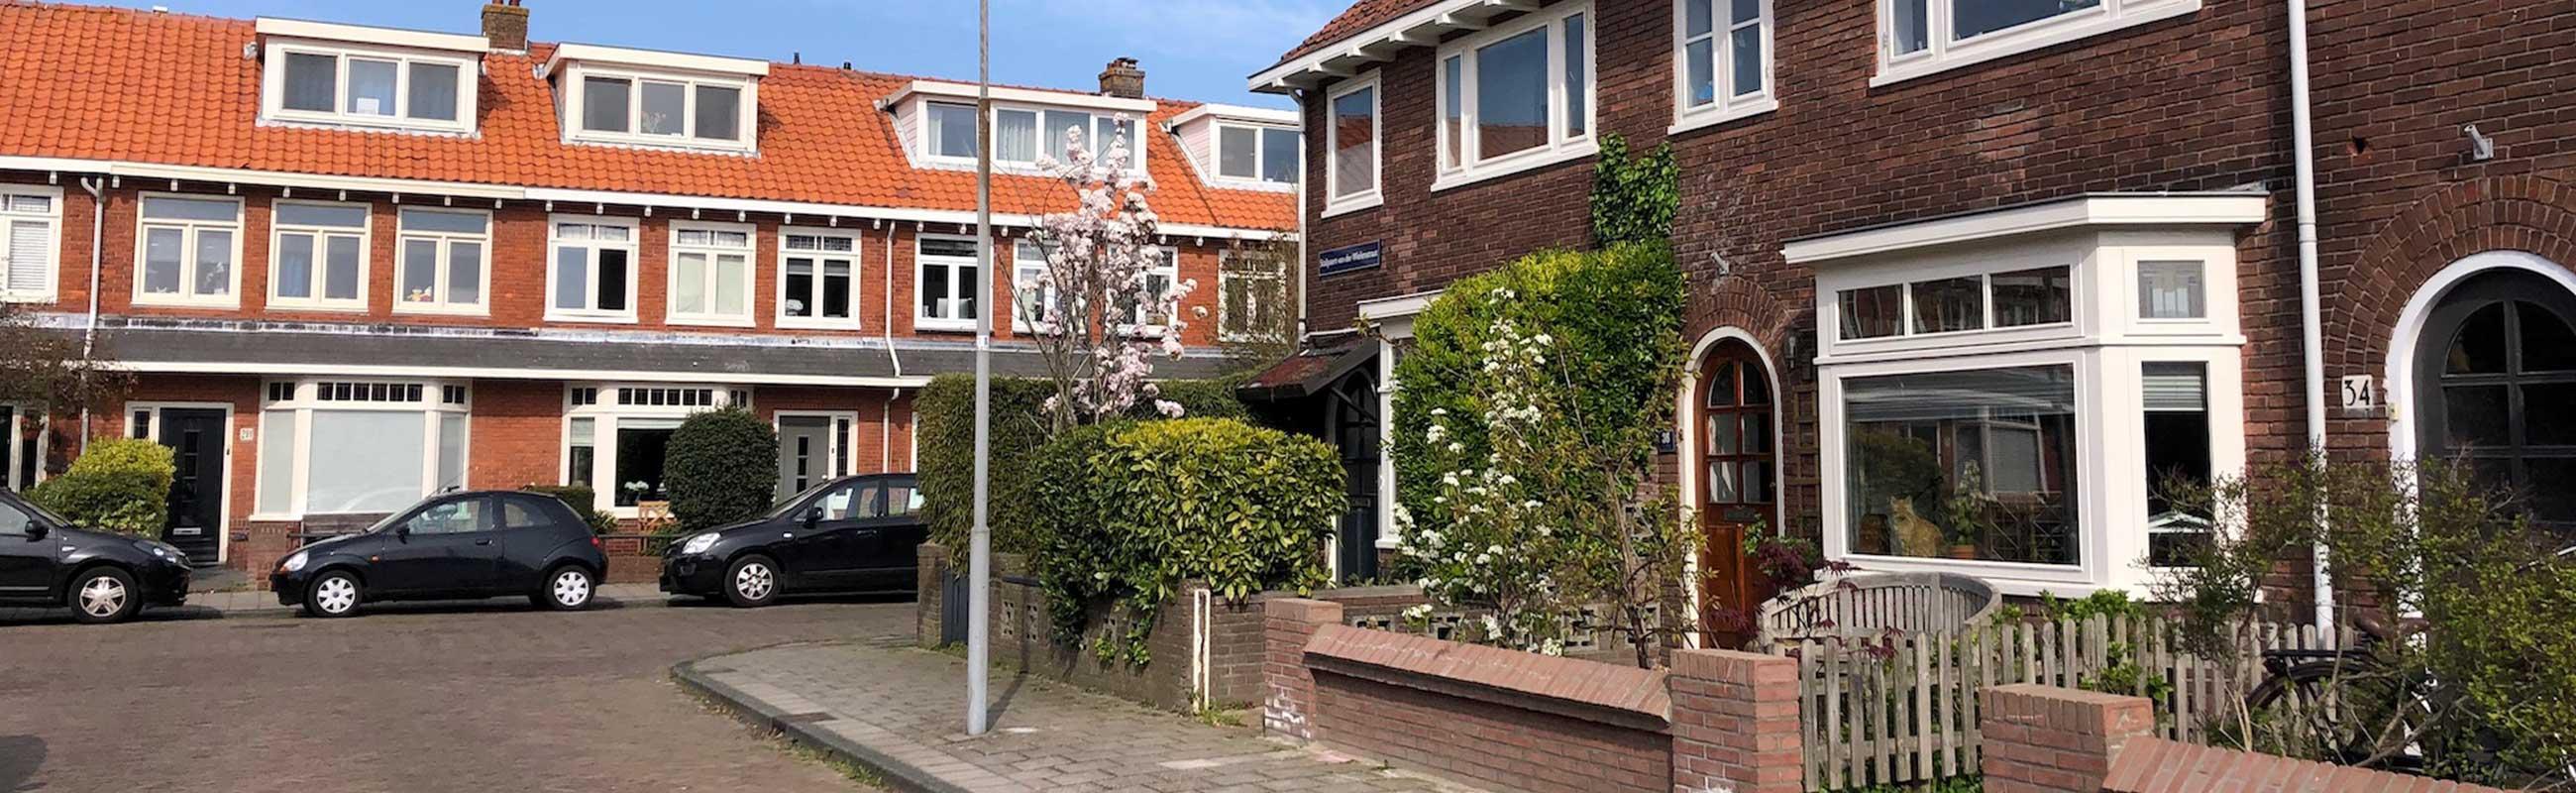 Wonen in een grote arbeiderswoning in Haarlem Noord